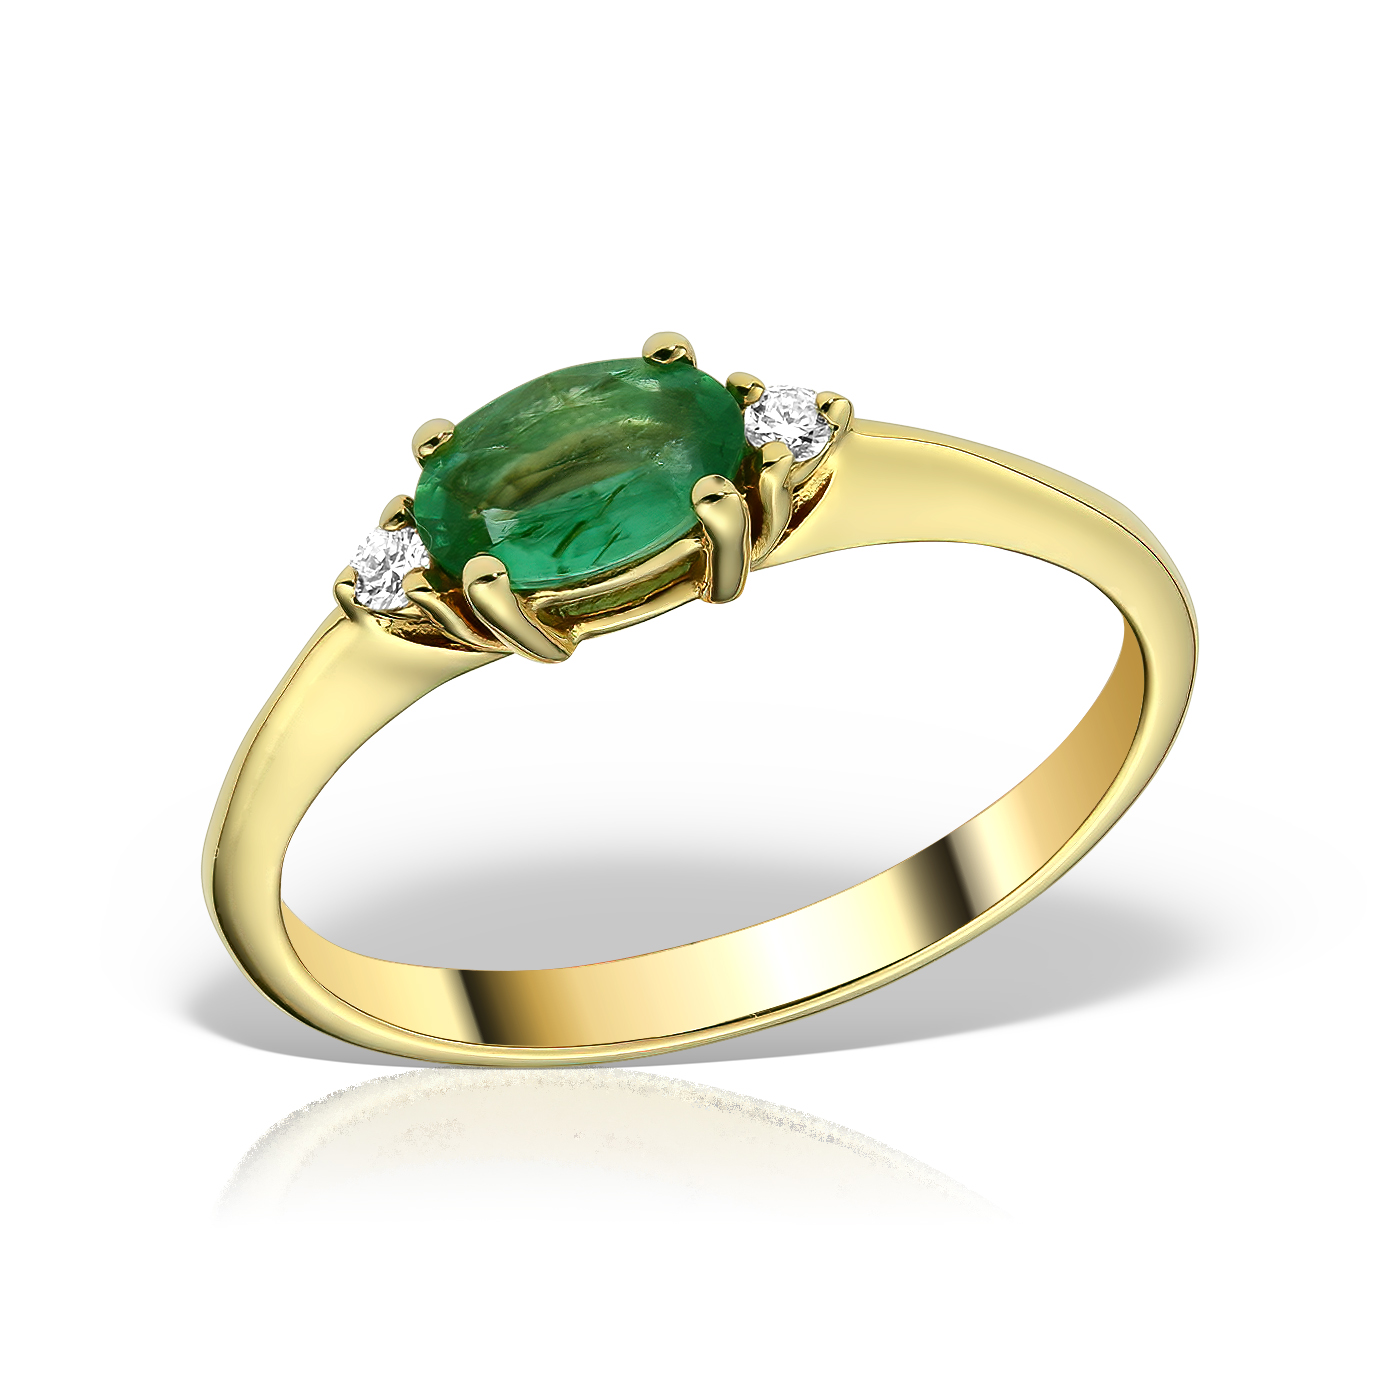 Inel de logodna cu smarald si diamante